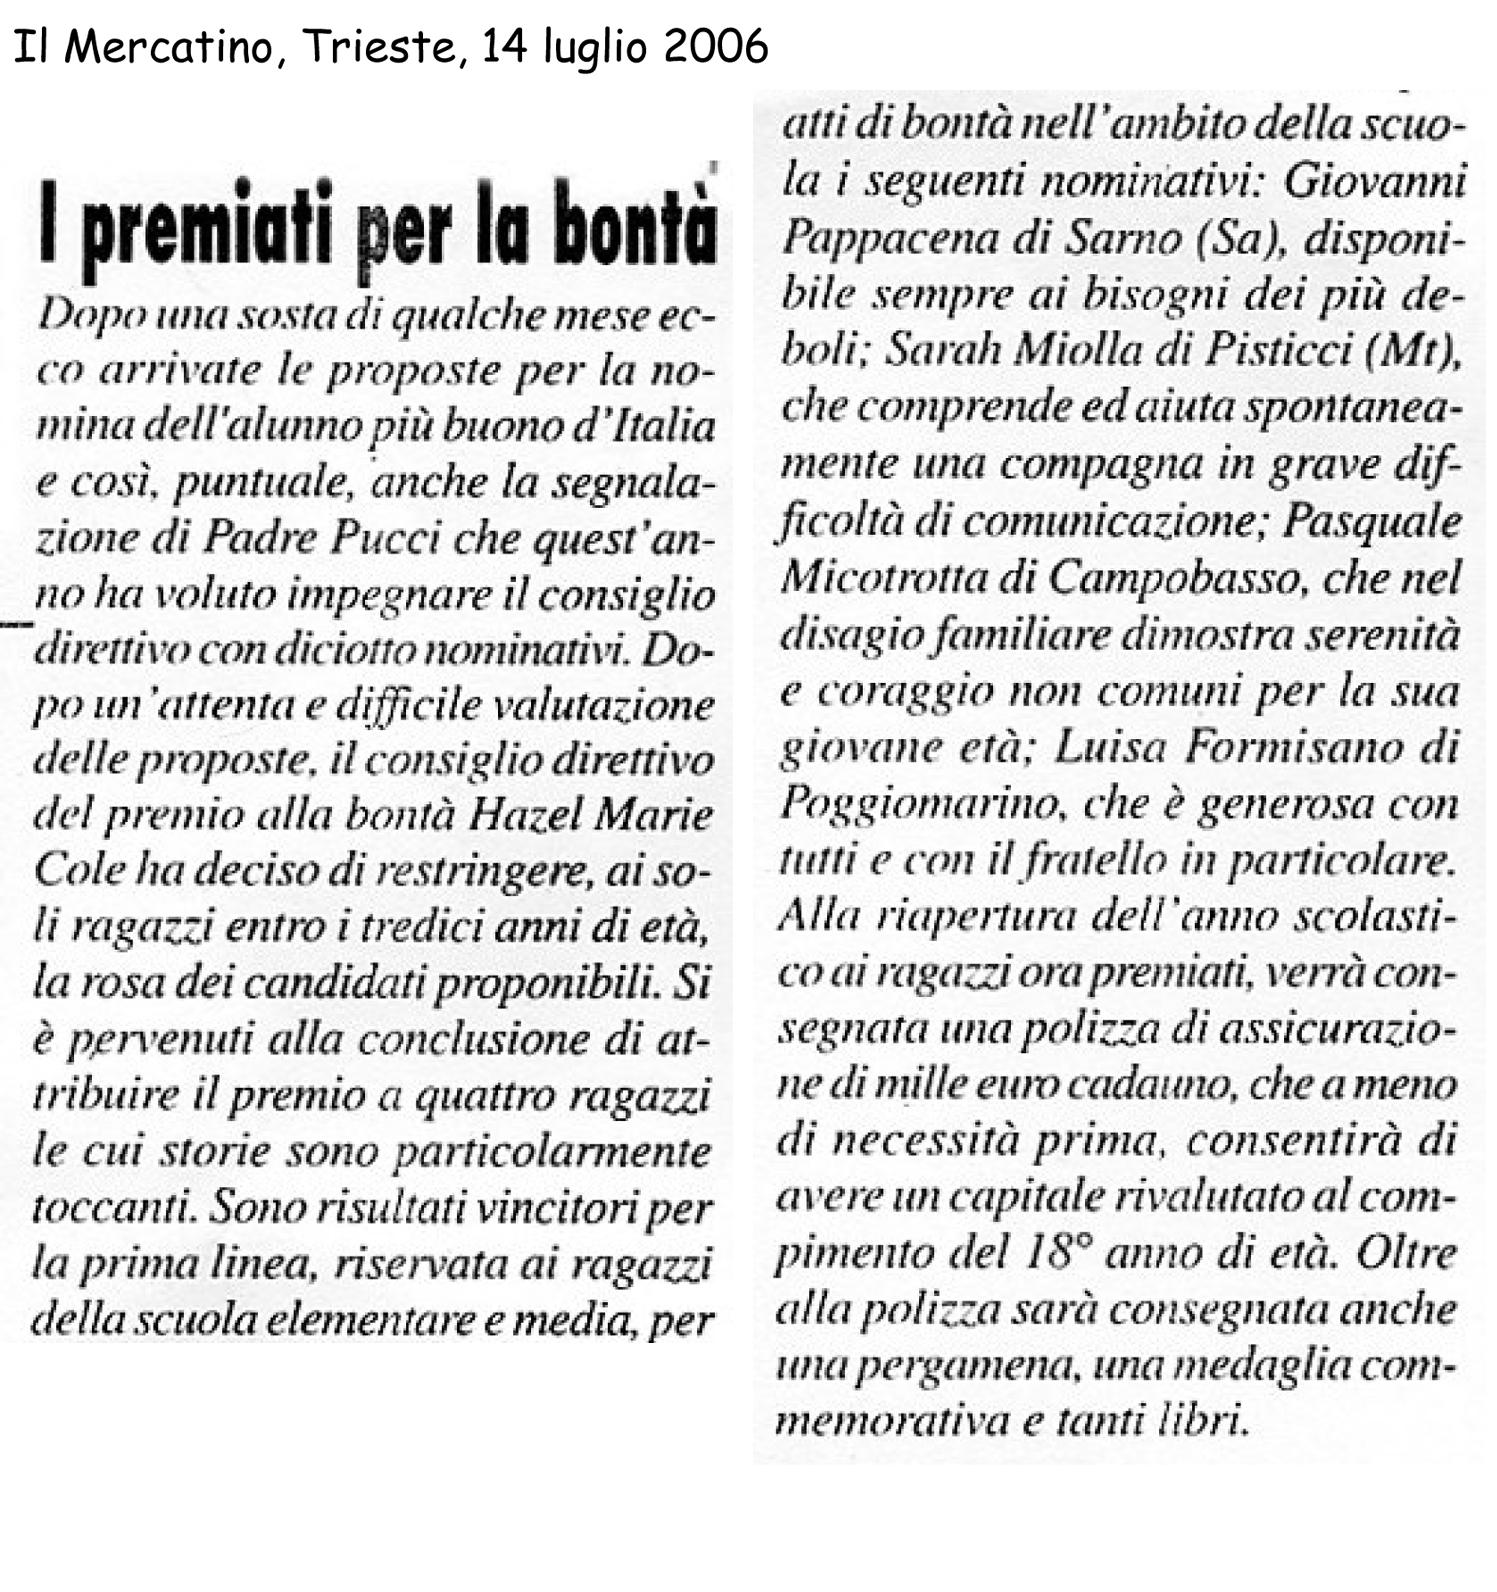 14 luglio 2006 Il Mercatino, Trieste I premiati per la Bontà